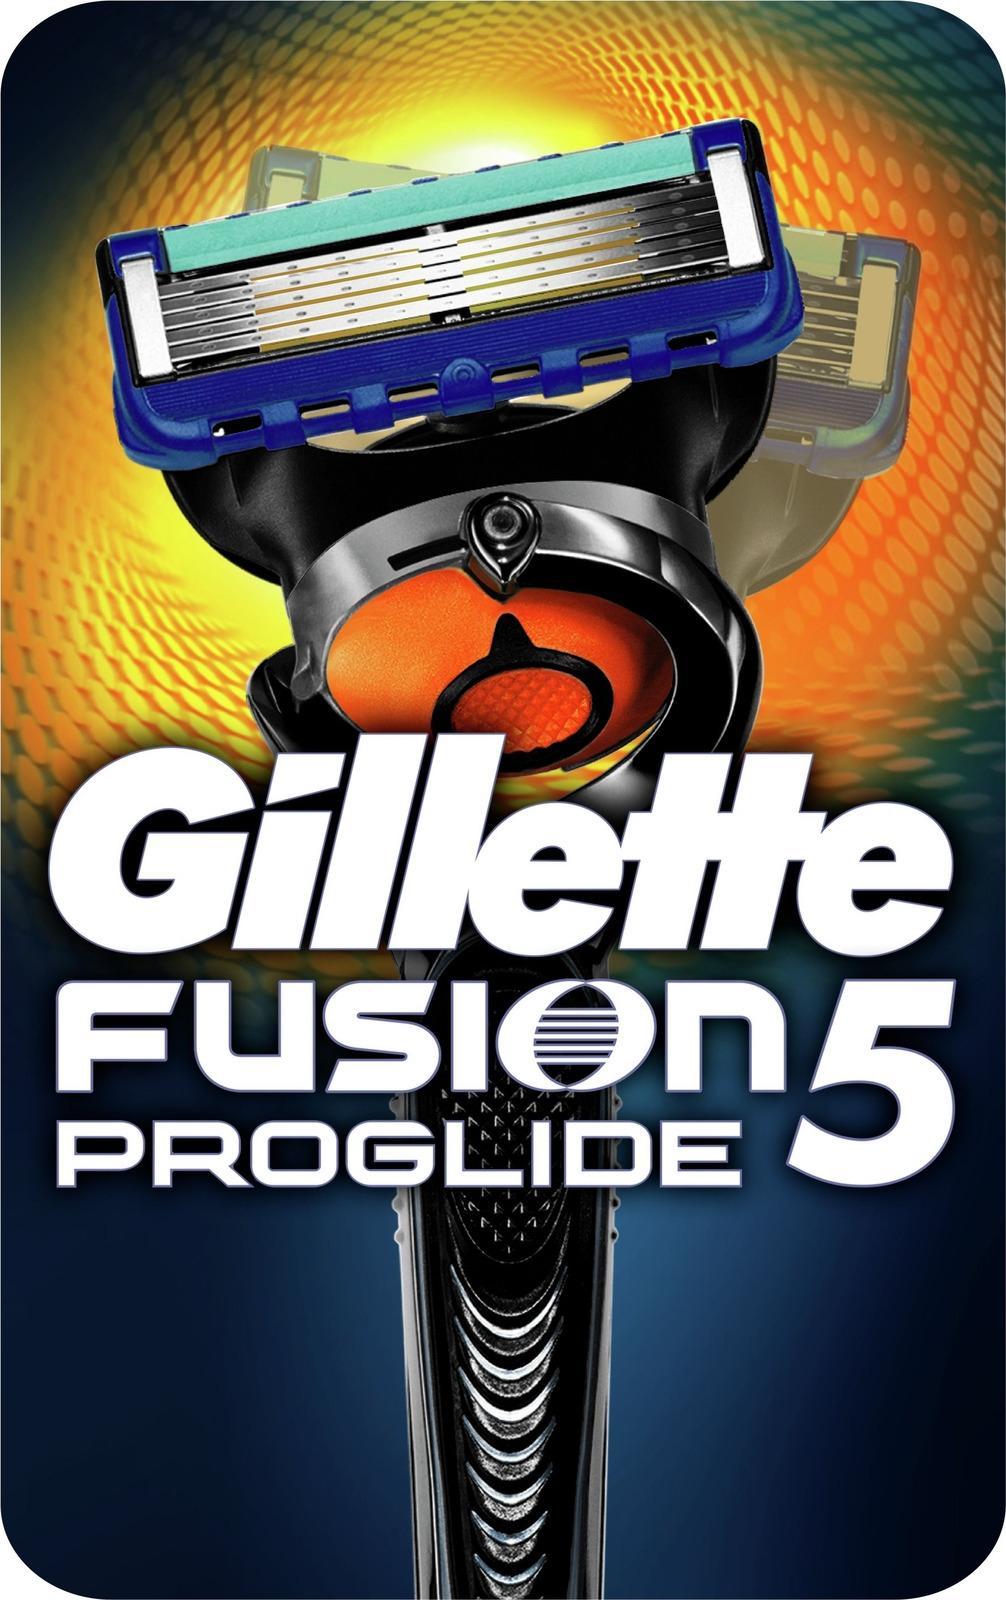 Мужская Бритва Gillette Fusion5 ProGlide с Технологией FlexBall бритва gillette fusion proglide flexball с 1 сменной кассетой гель для бритья active sport 170 мл